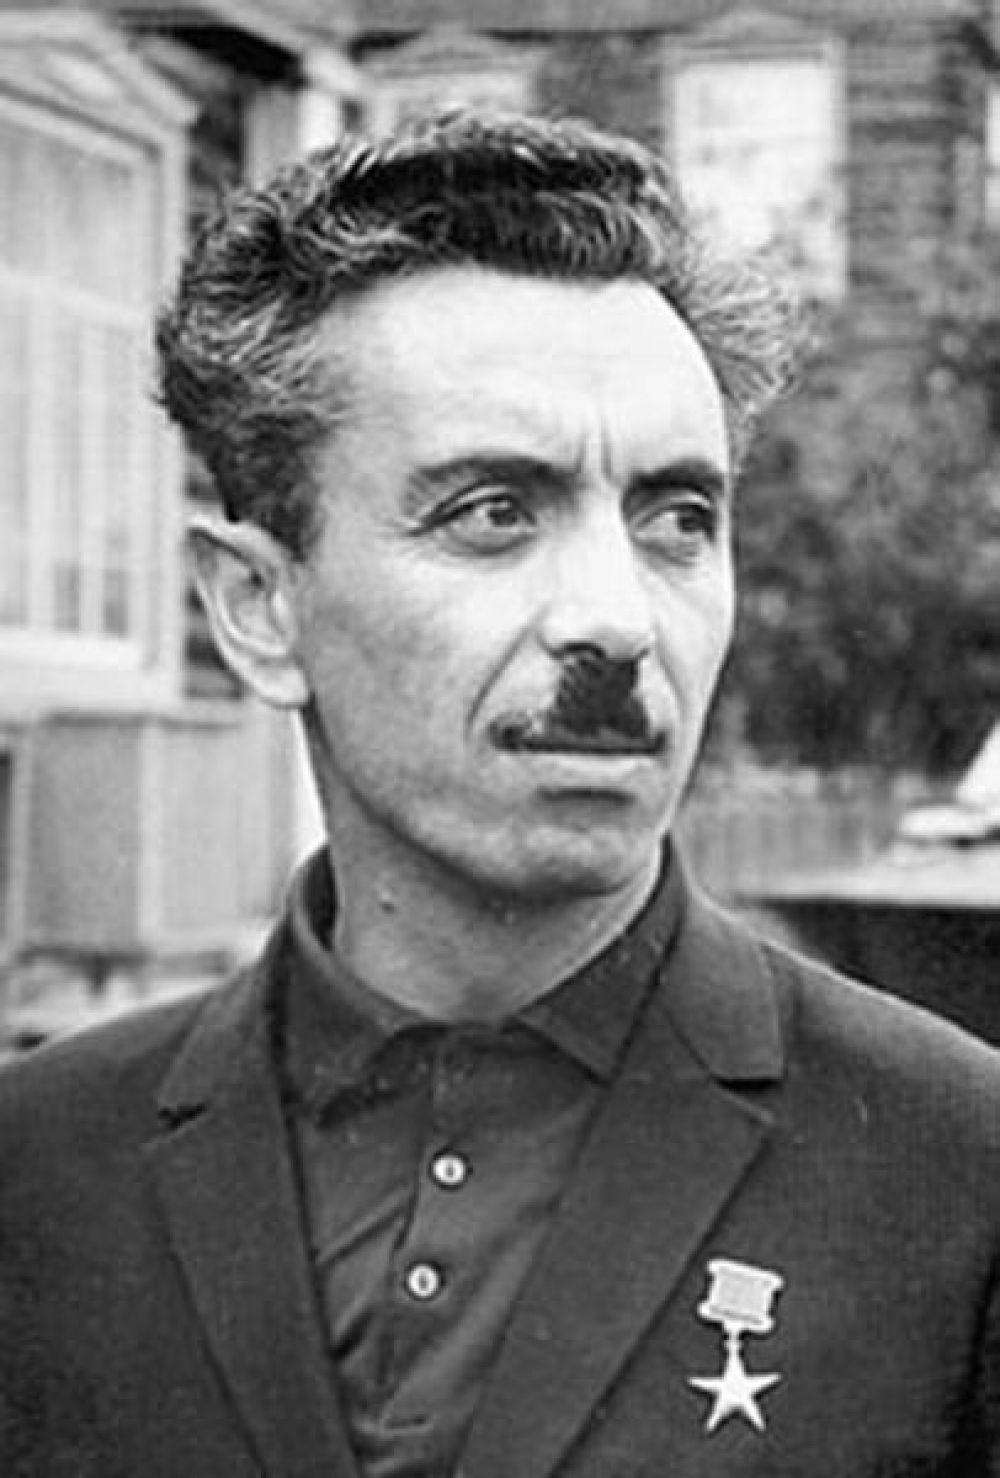 Имя советского и российского геолога, первооткрывателя нефти в Сибири Фармана Курбана оглы Салманова могут присвоить аэропорту Нижневартовска или Сургута.